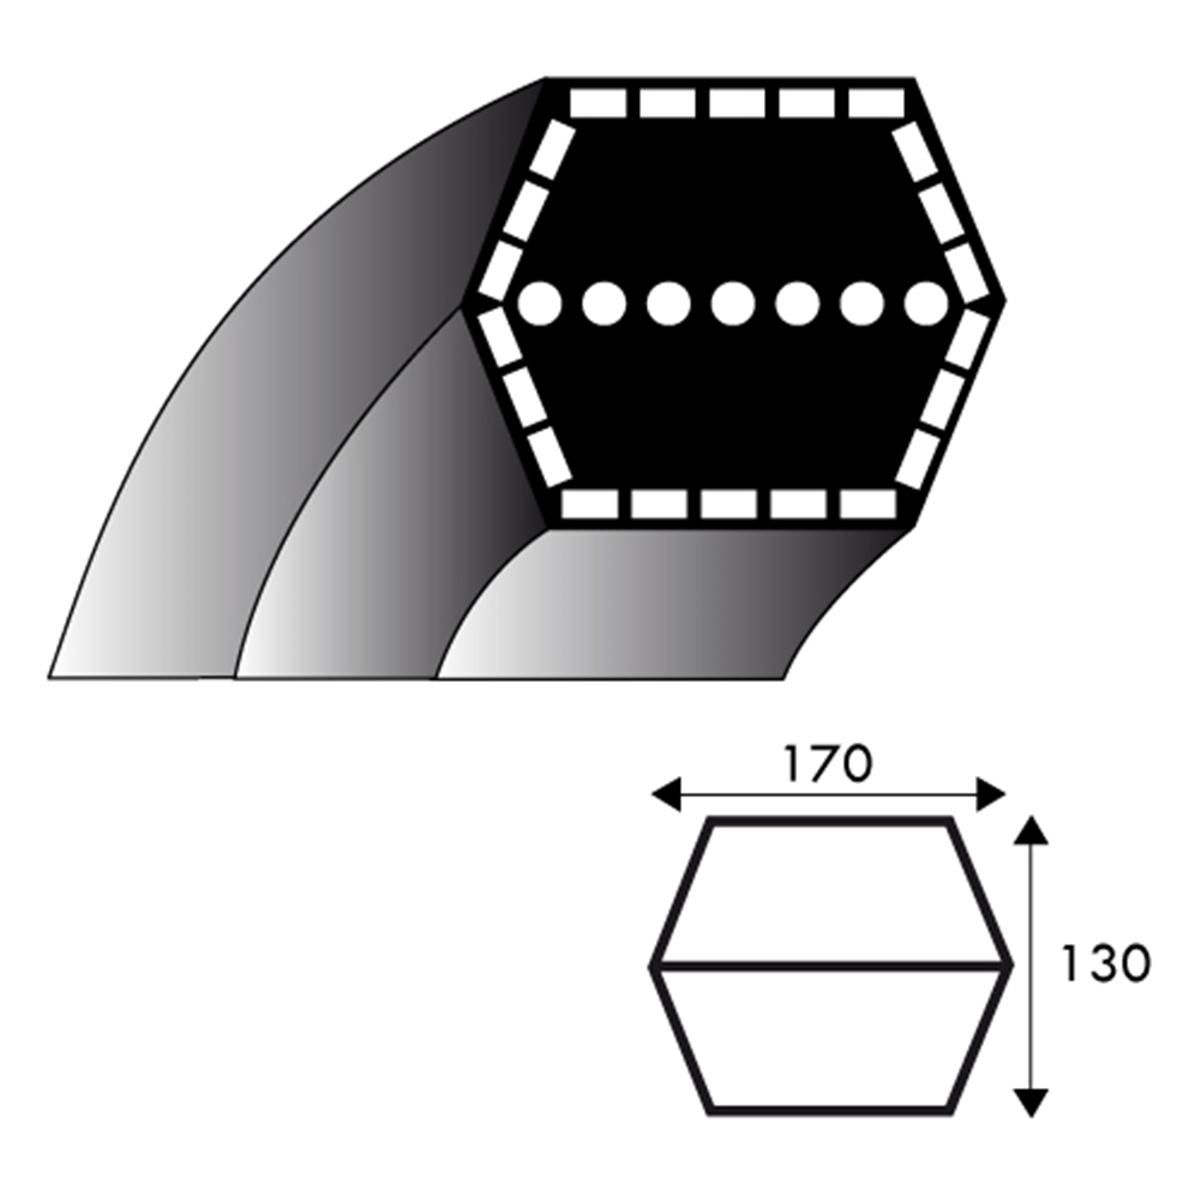 35062012//0 Longueur ext/érieure: 2550 mm Section: 13x8 mm 102 /& 122 cm A98 : Courroie lisse trap/ézo/ïdale pour Tondeuses autoport/ées CASTELGARDEN Mod/èles 92 N/° origine: 35062011//0